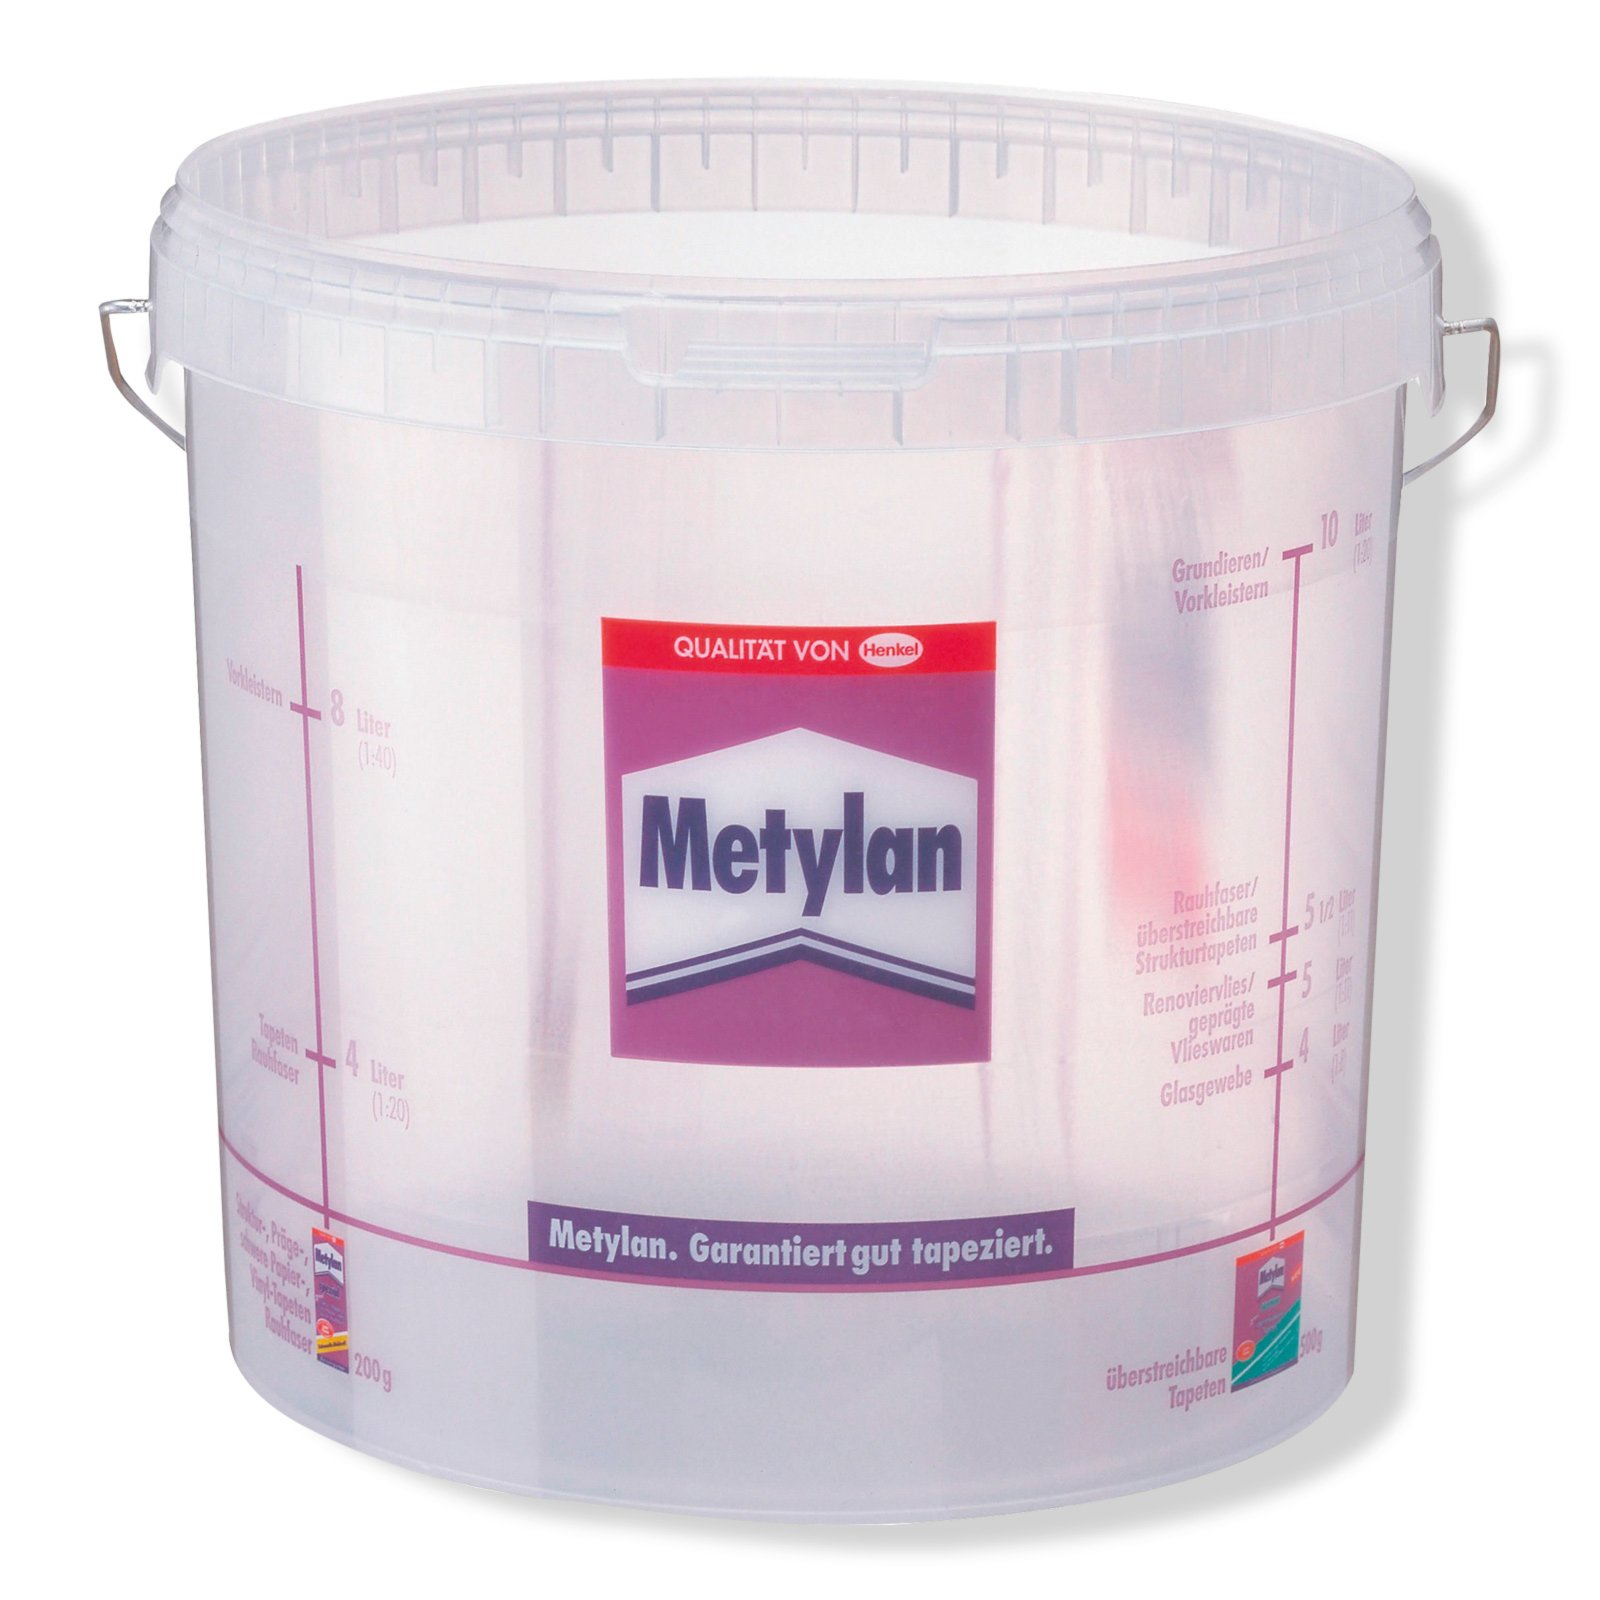 Metylan Tapeziereimer - 10 Liter